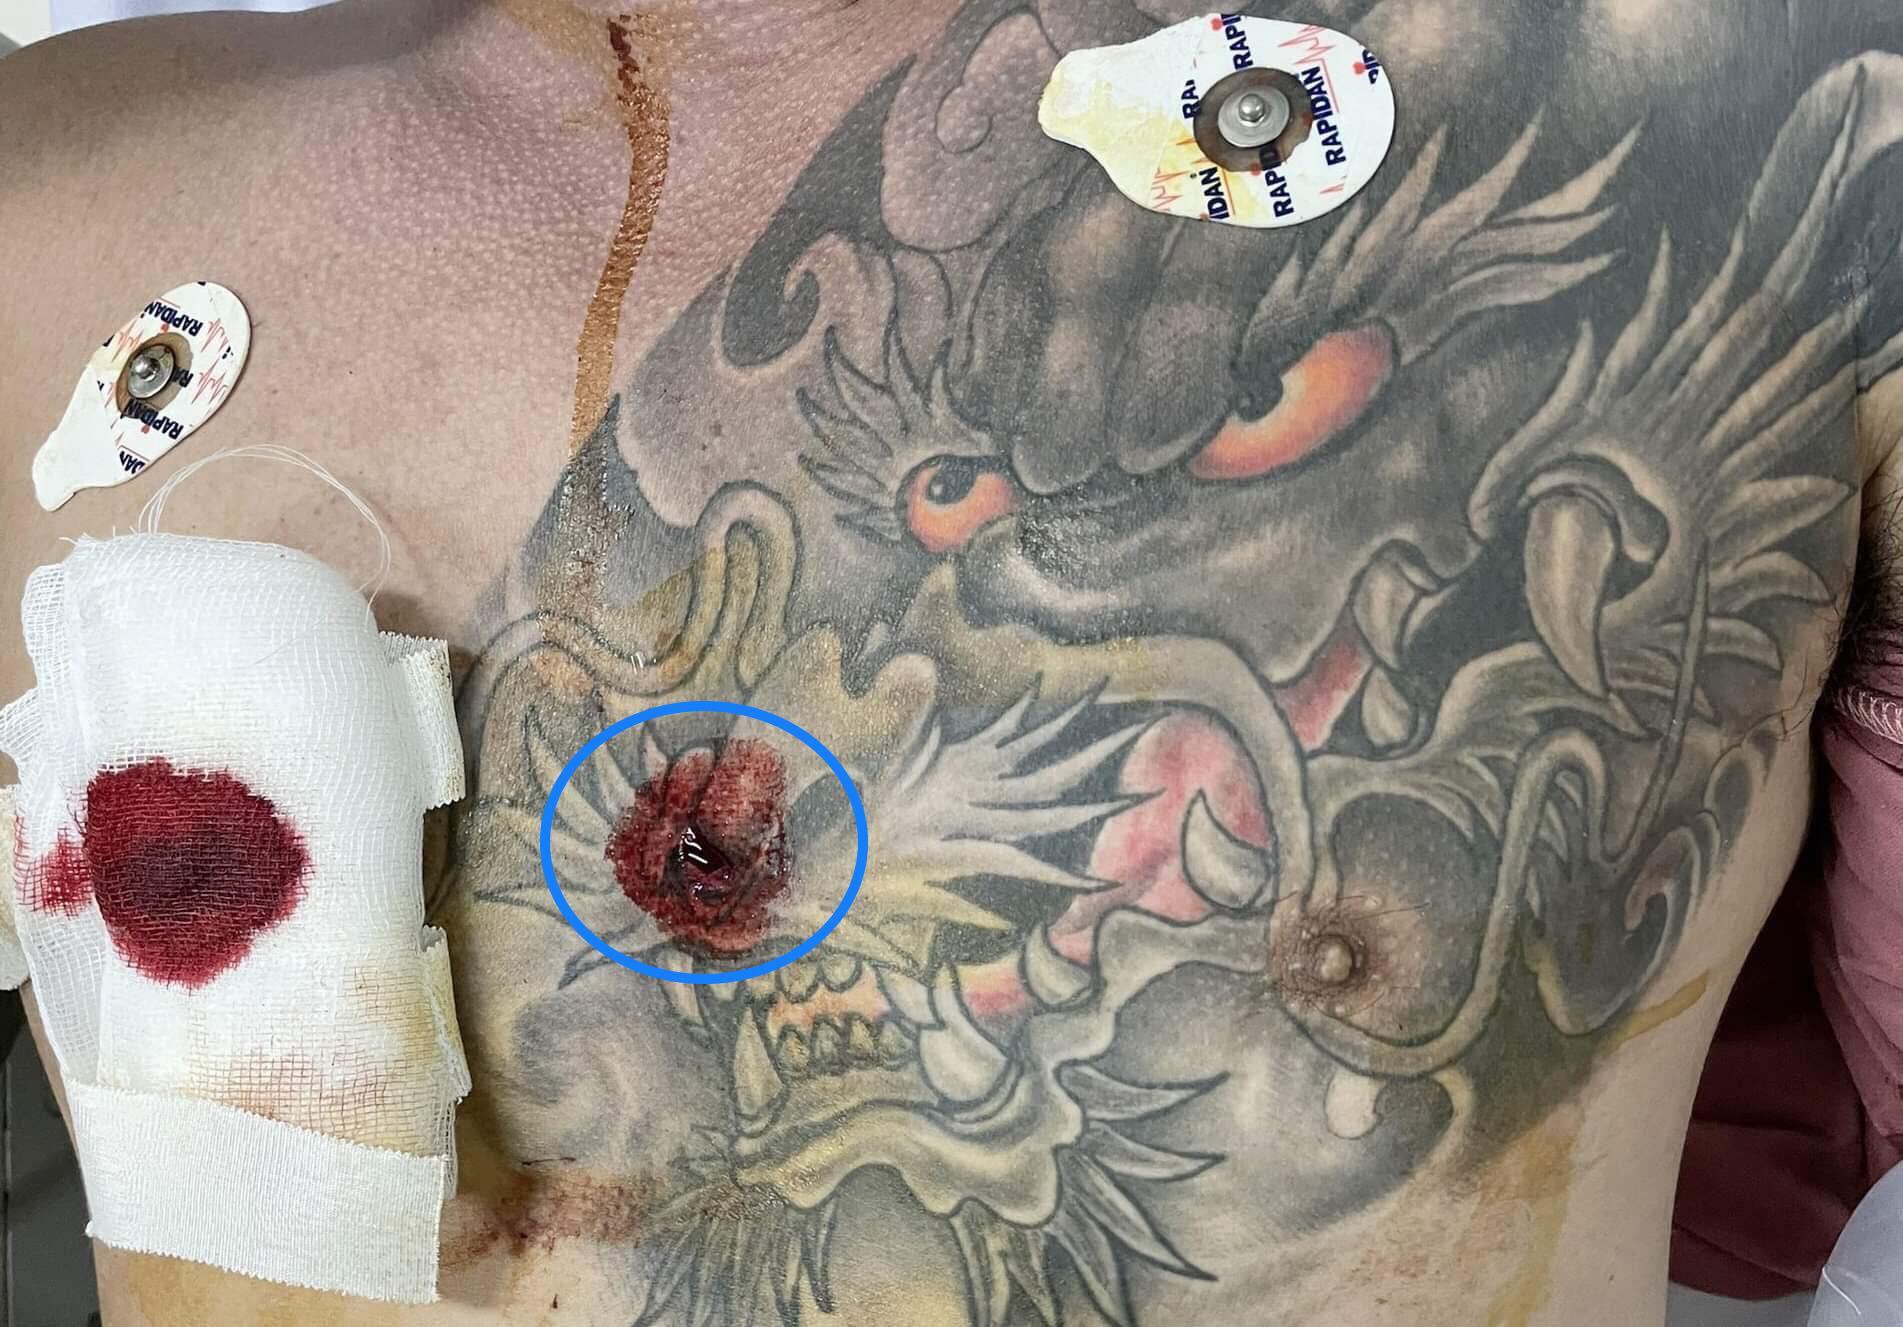 Vết đâm nhỏ giữa ngực nhưng chí mạng. Ảnh: Bệnh viện cung cấp.